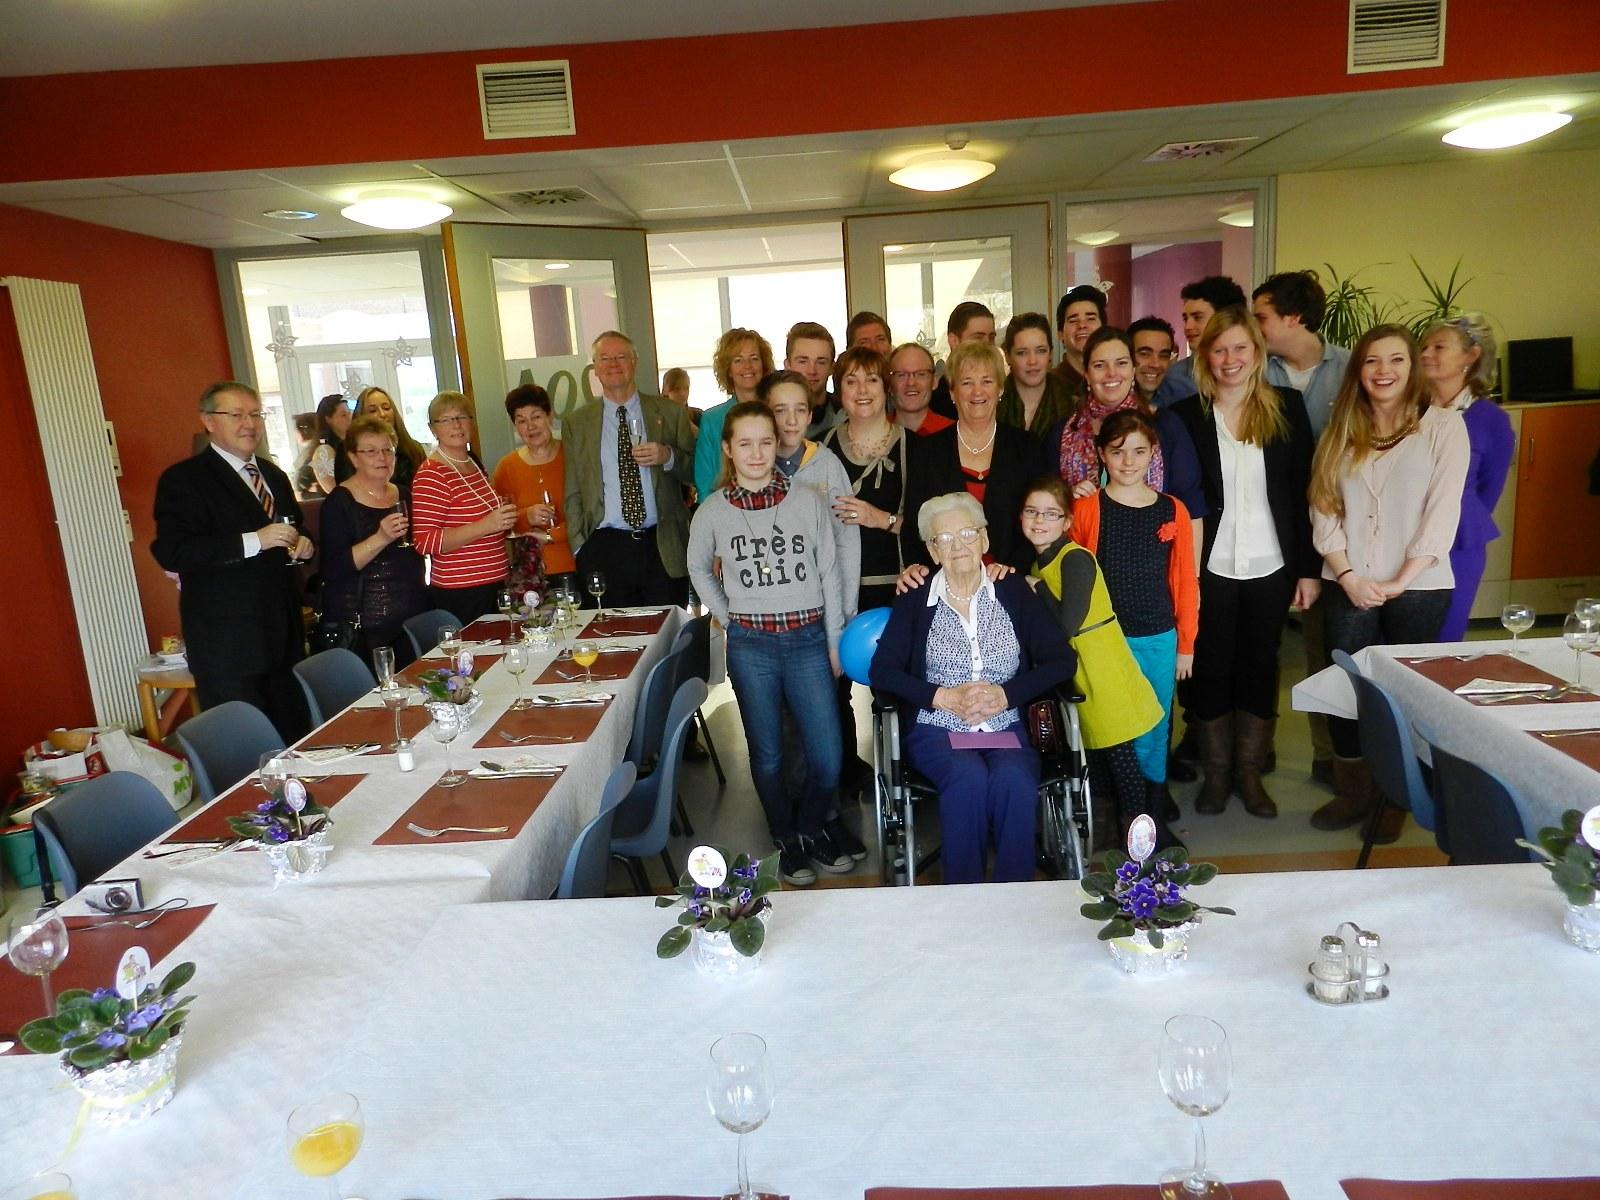 Fam!ilieleden en vrienden stonden wat graag mee op de foto rond de 100-jarige